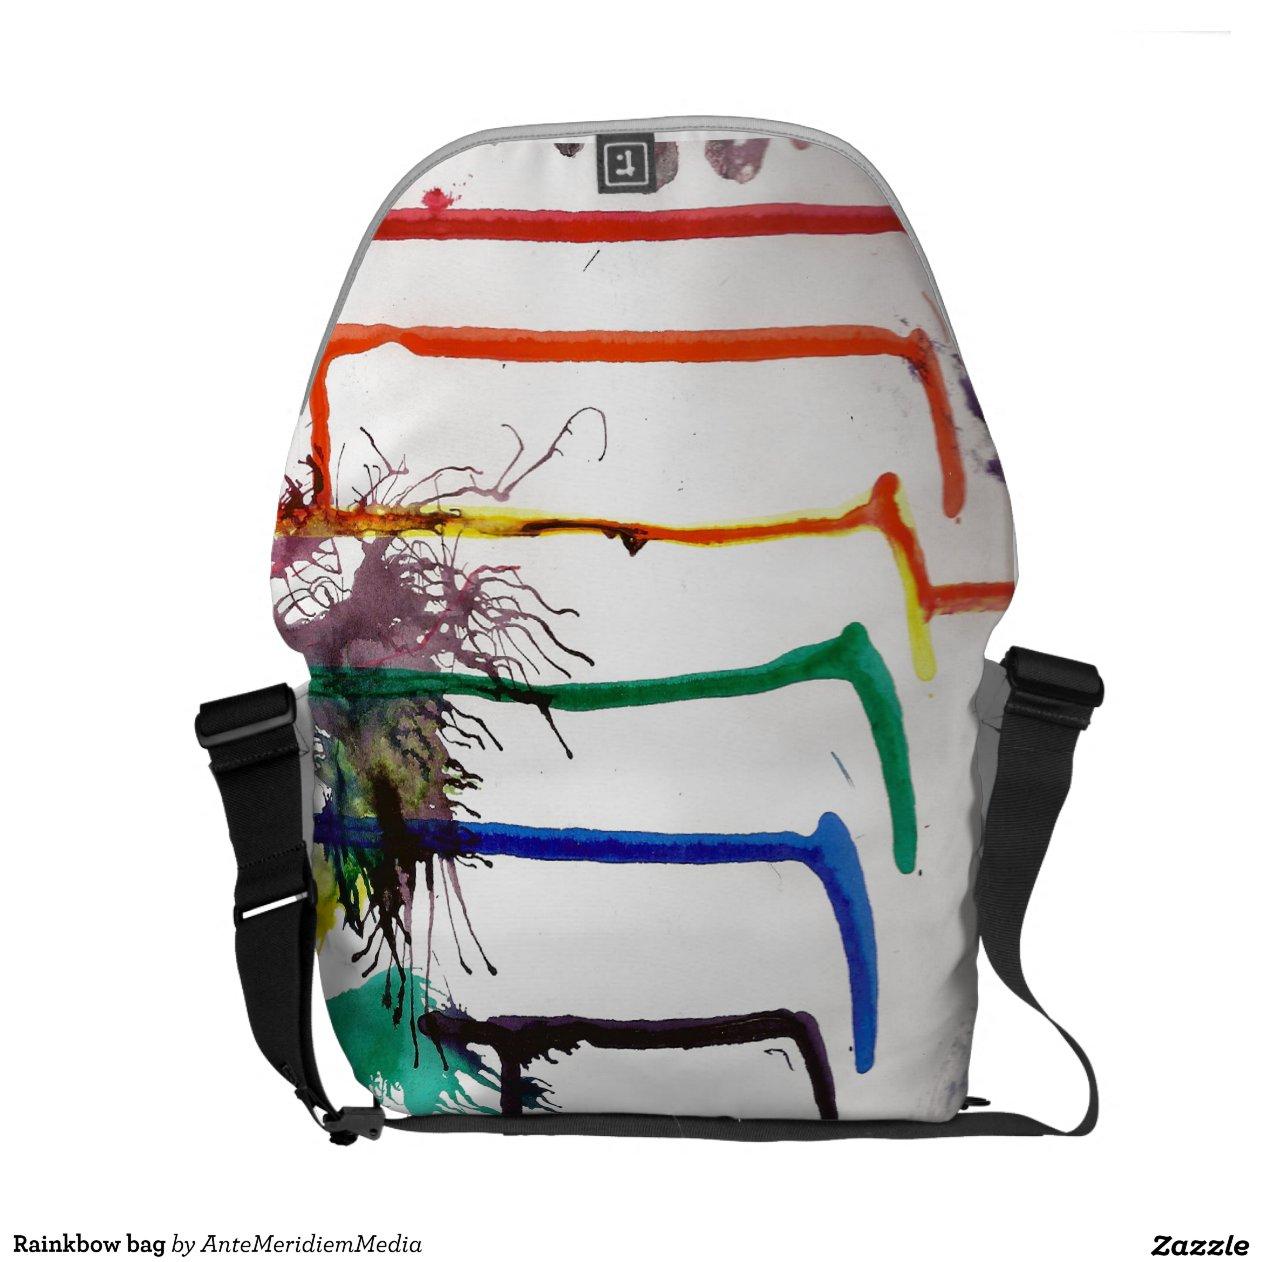 Kawaii Bow Bag Rainkbow Bag Messenger Bags Rcfafcefeeadbe Izs Byvr